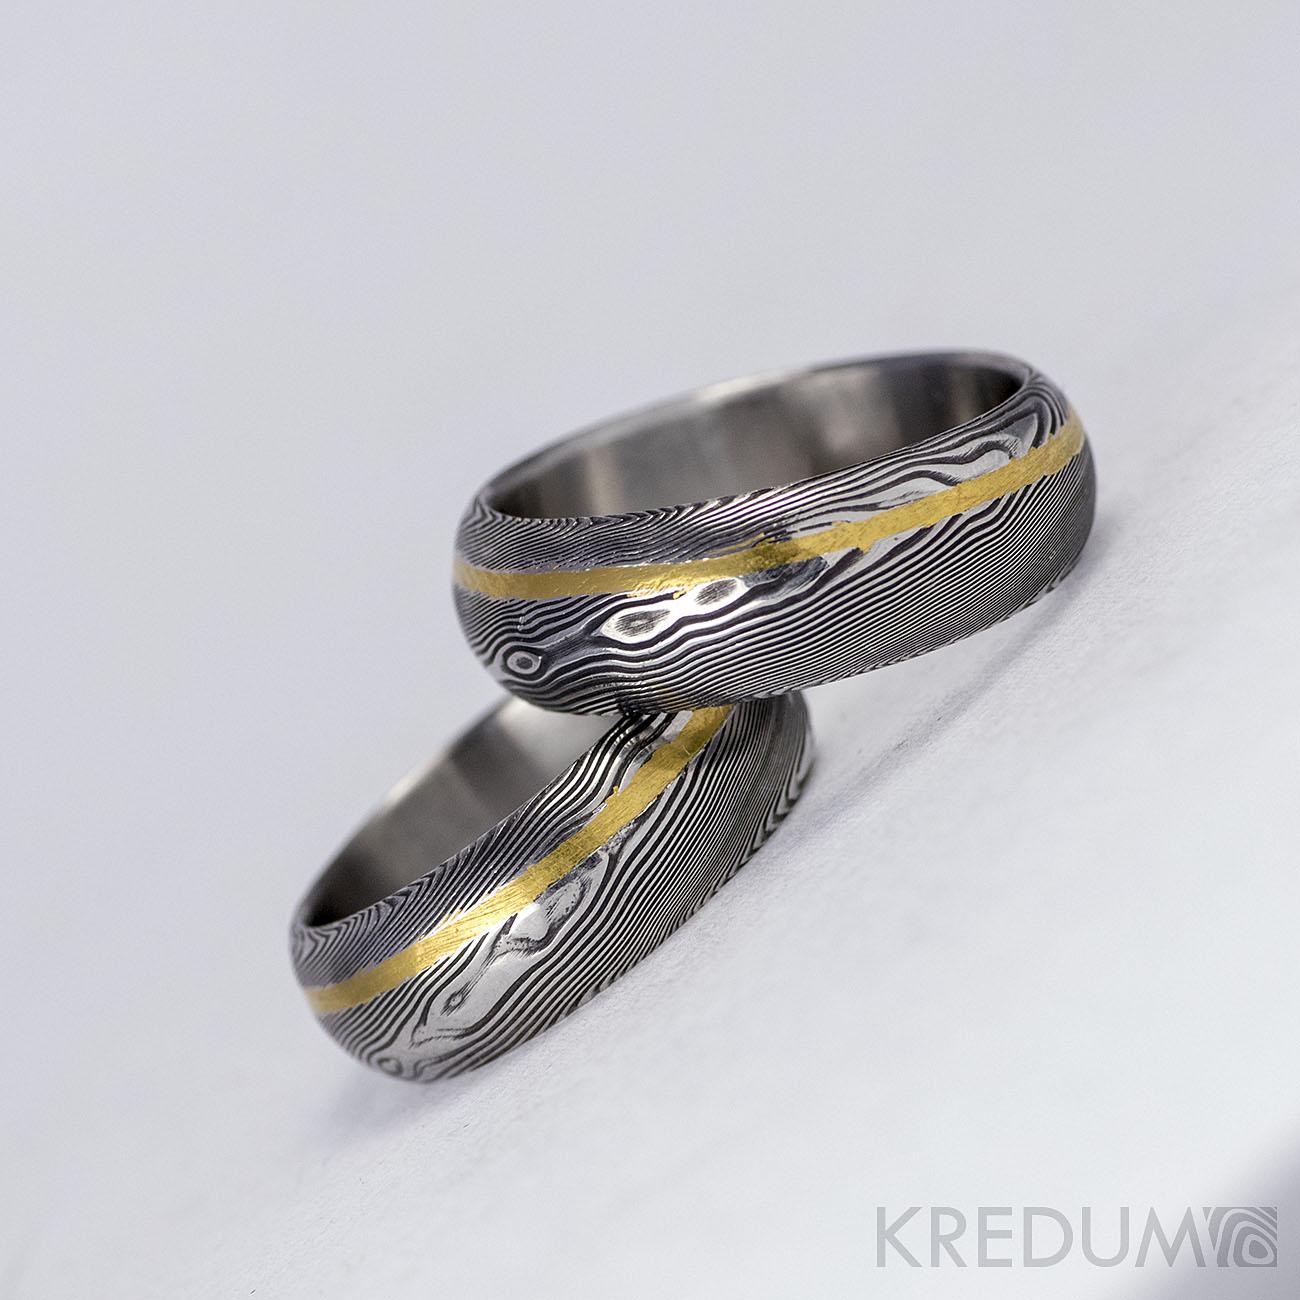 Pár nových prstenů v kombinaci damasteel a zlato, bílé zlato či stříbro - Obrázek č. 1